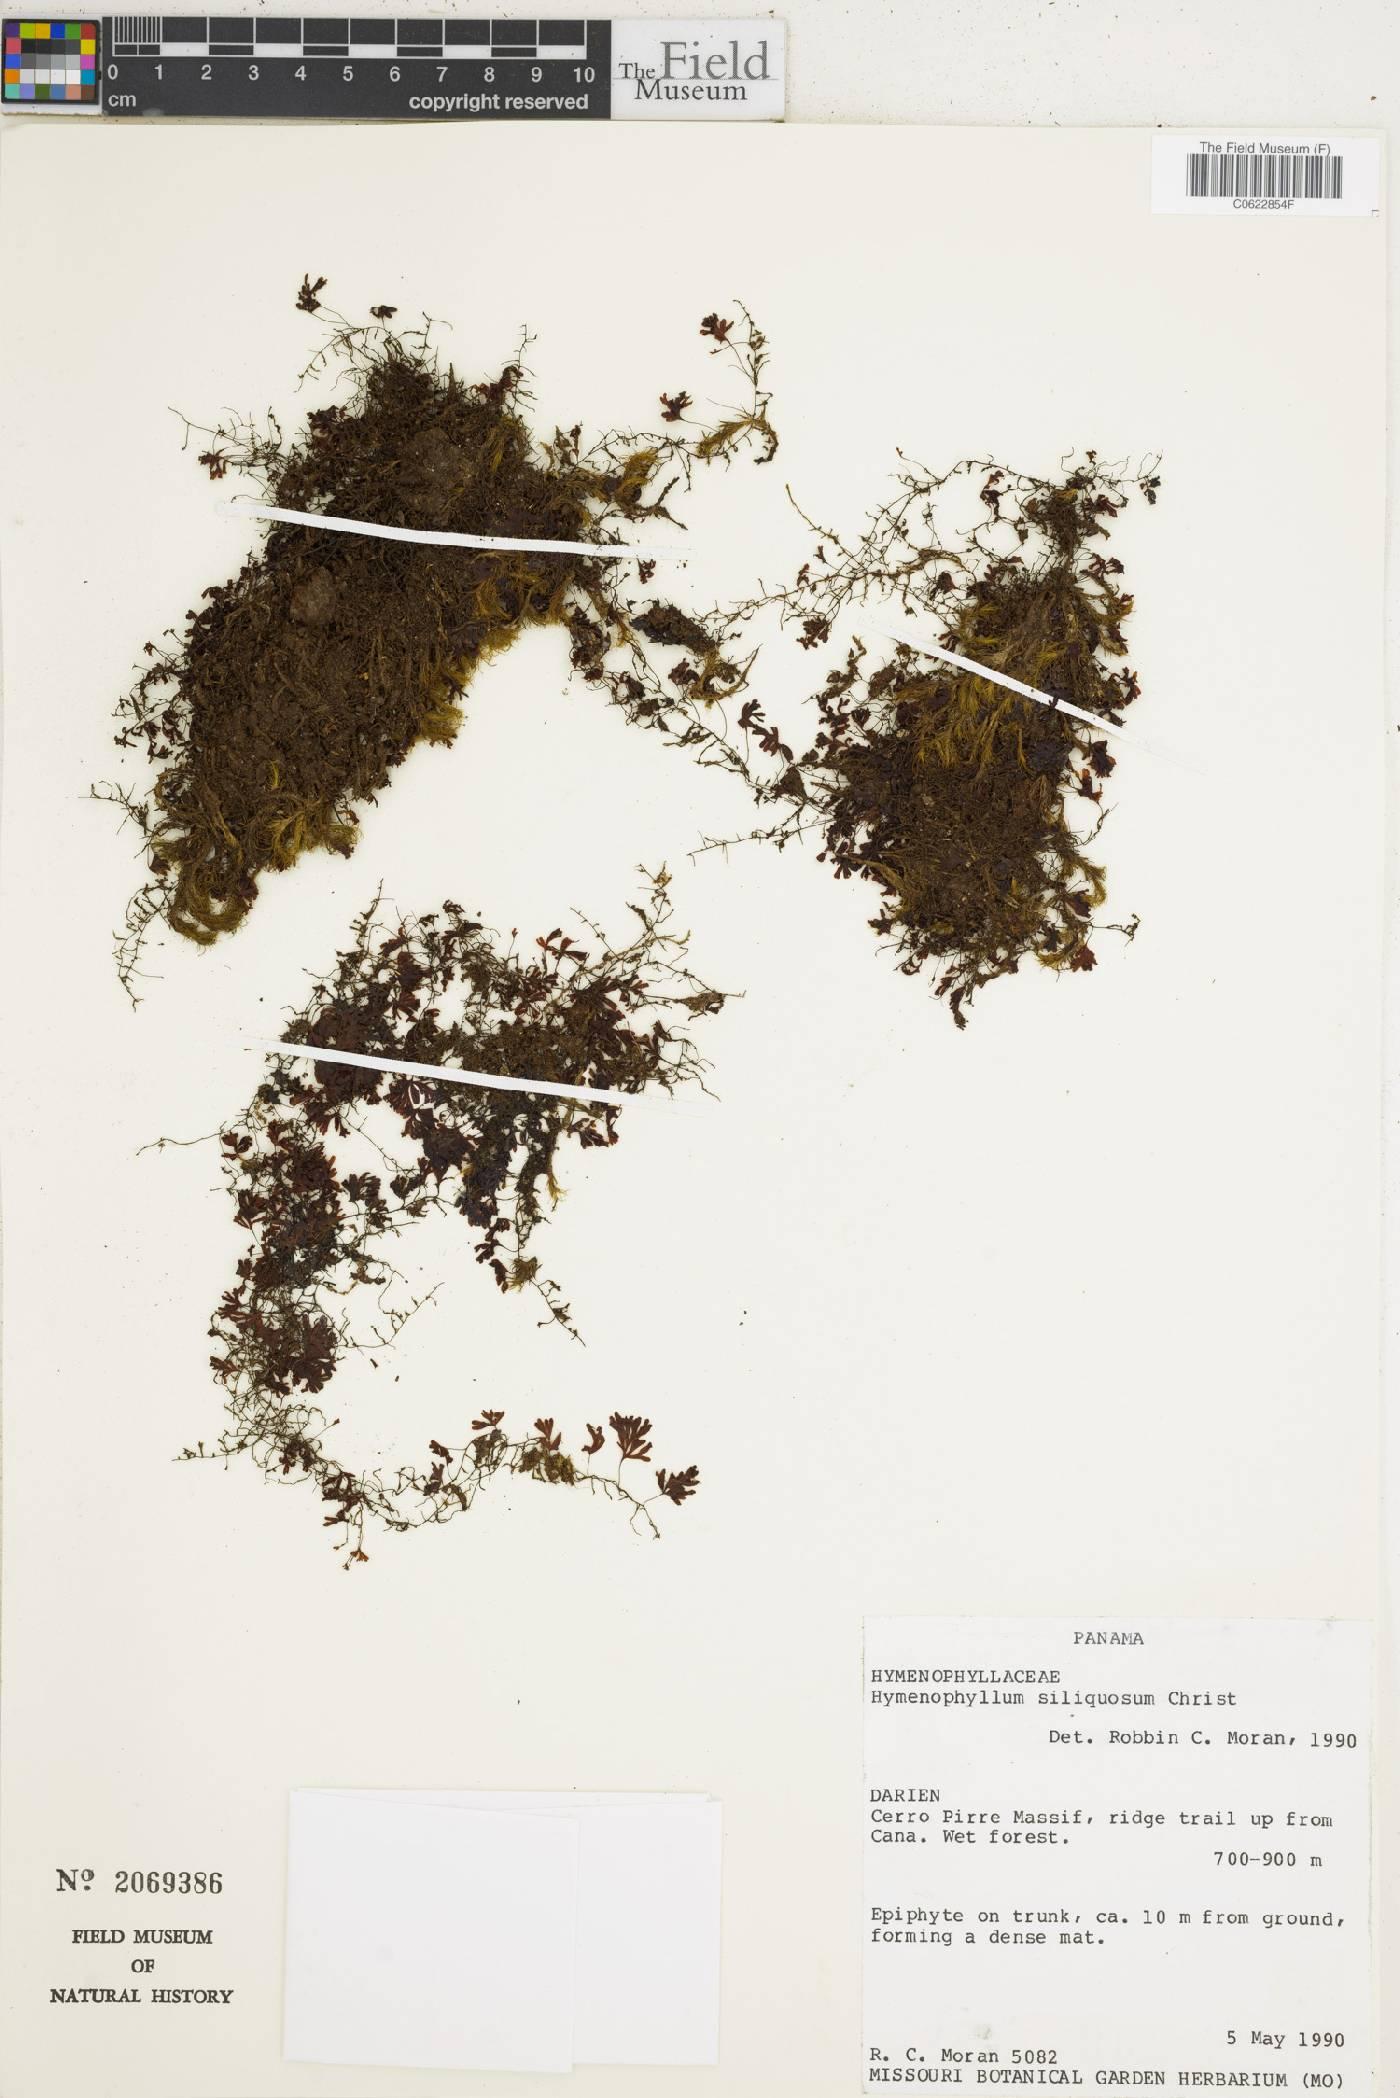 Hymenophyllum siliquosum image